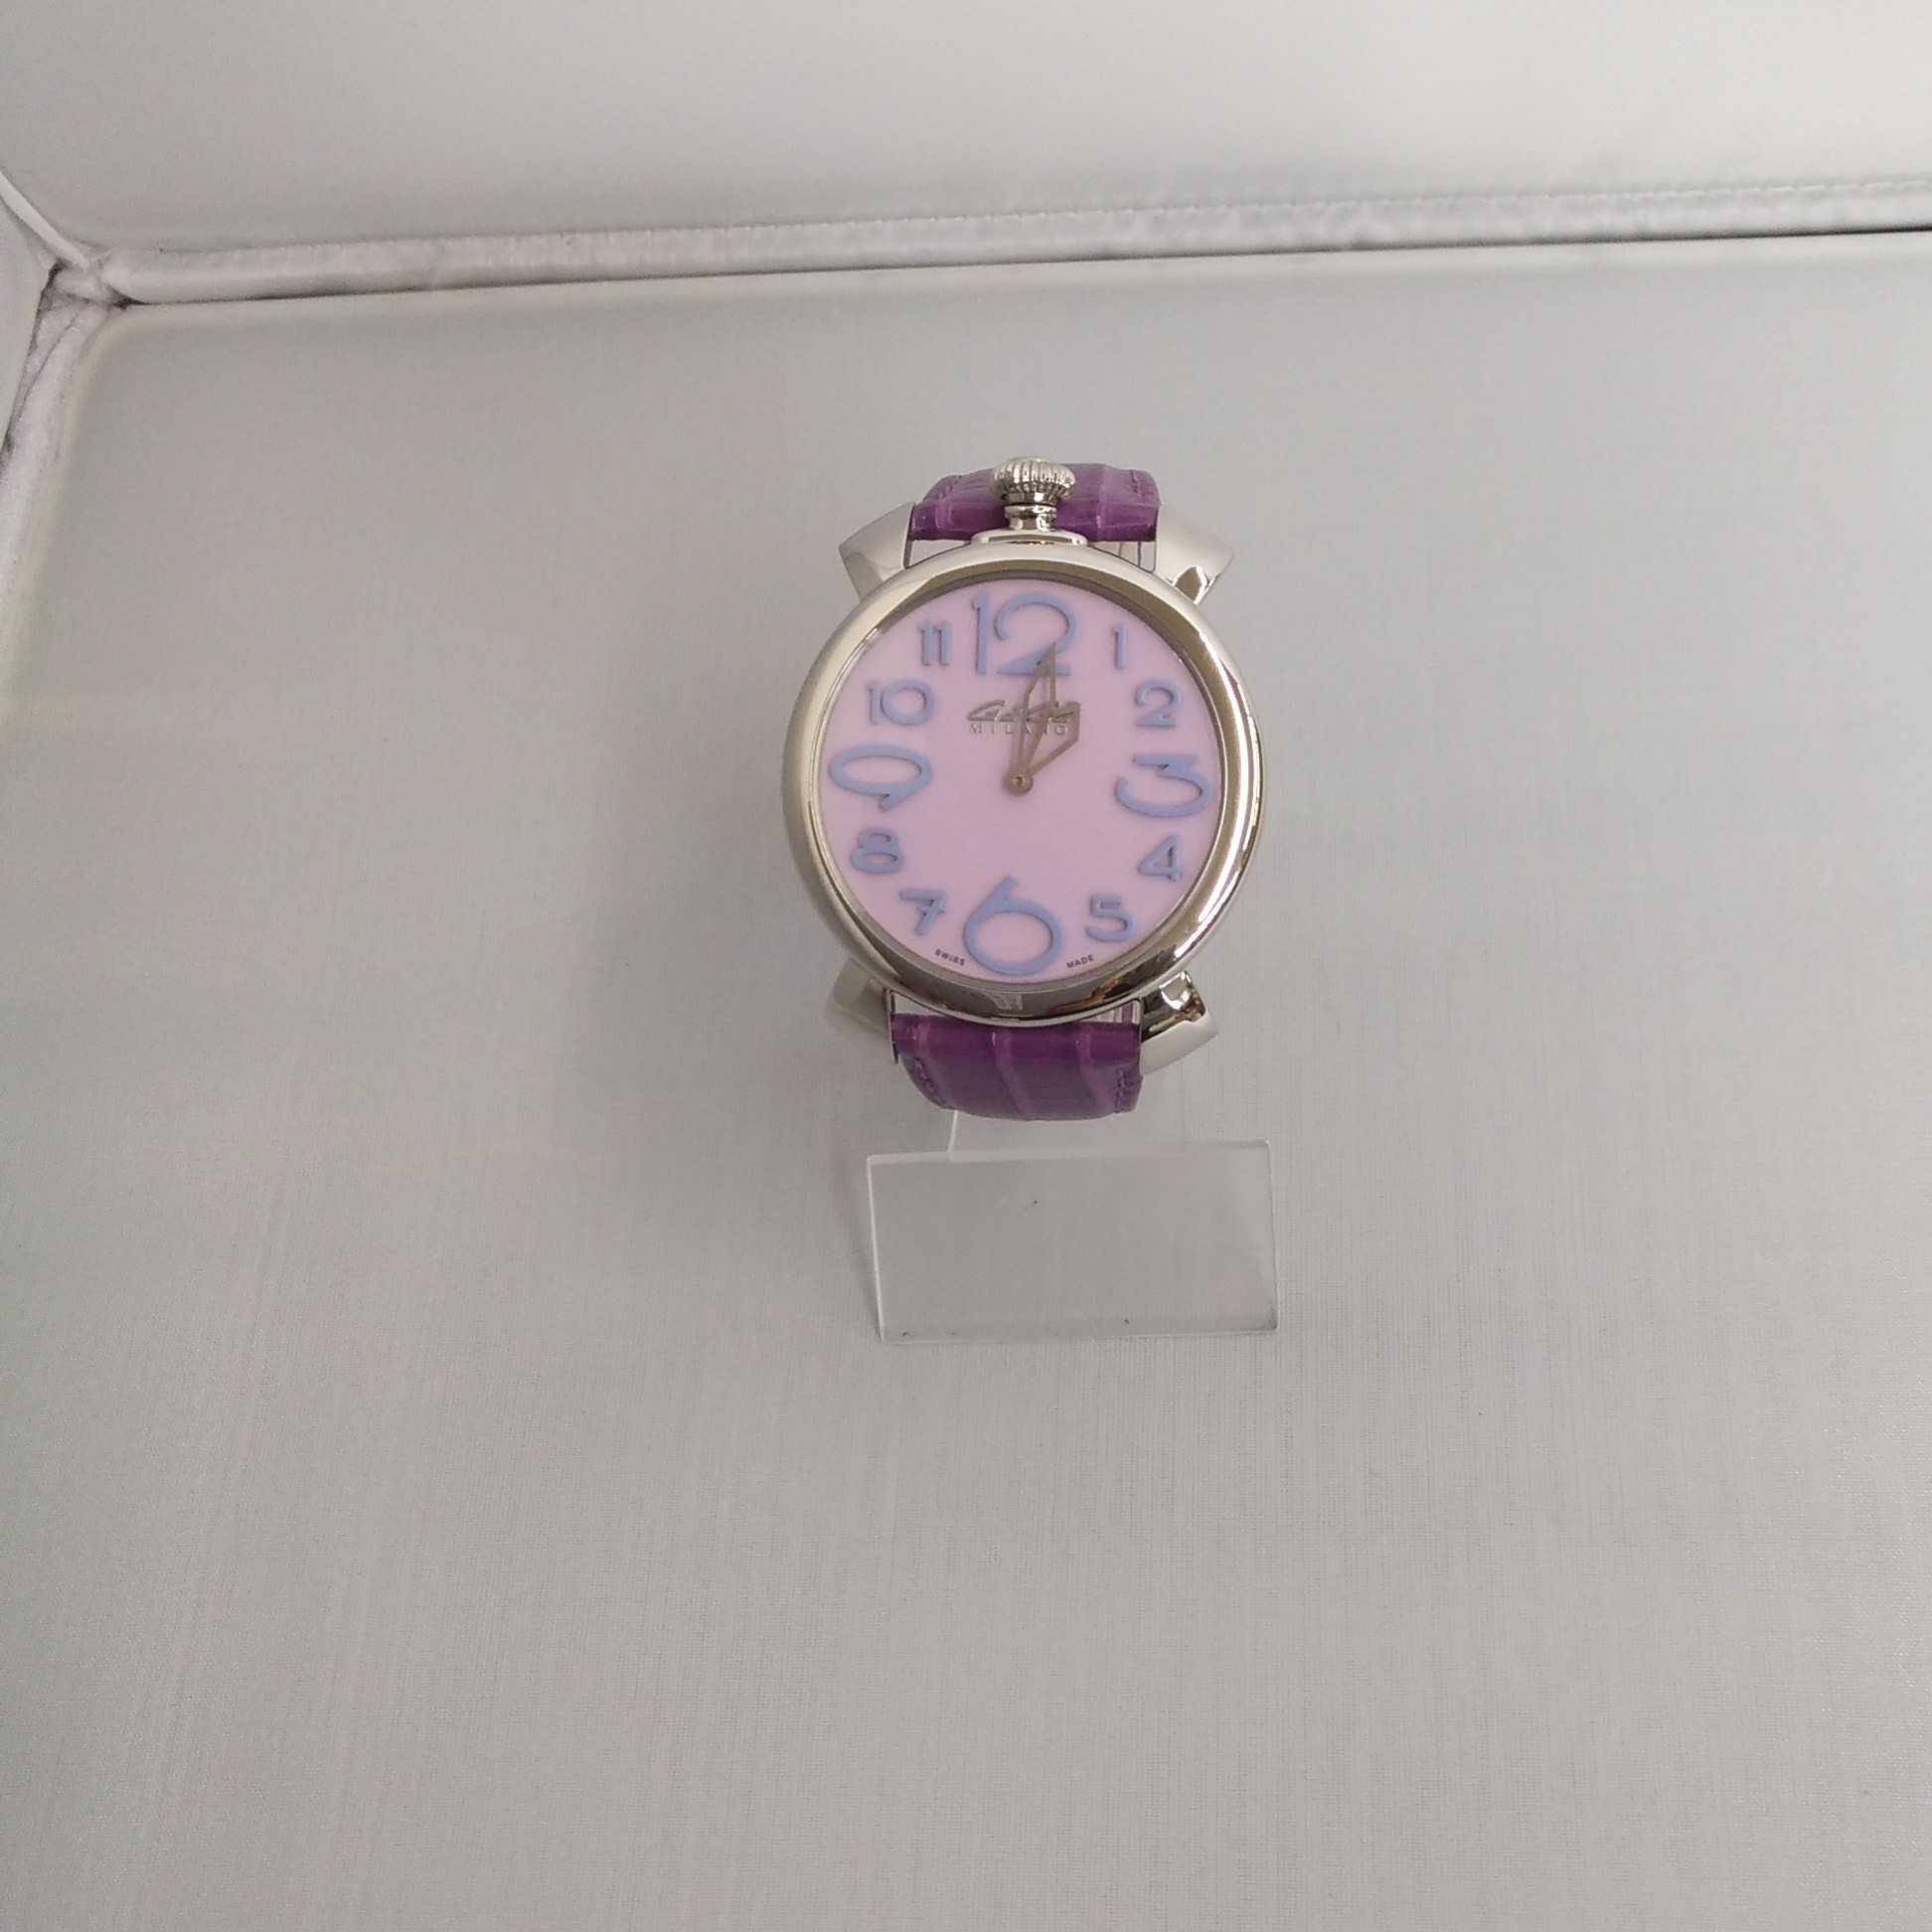 クォーツ・アナログ腕時計|ガガミラノ